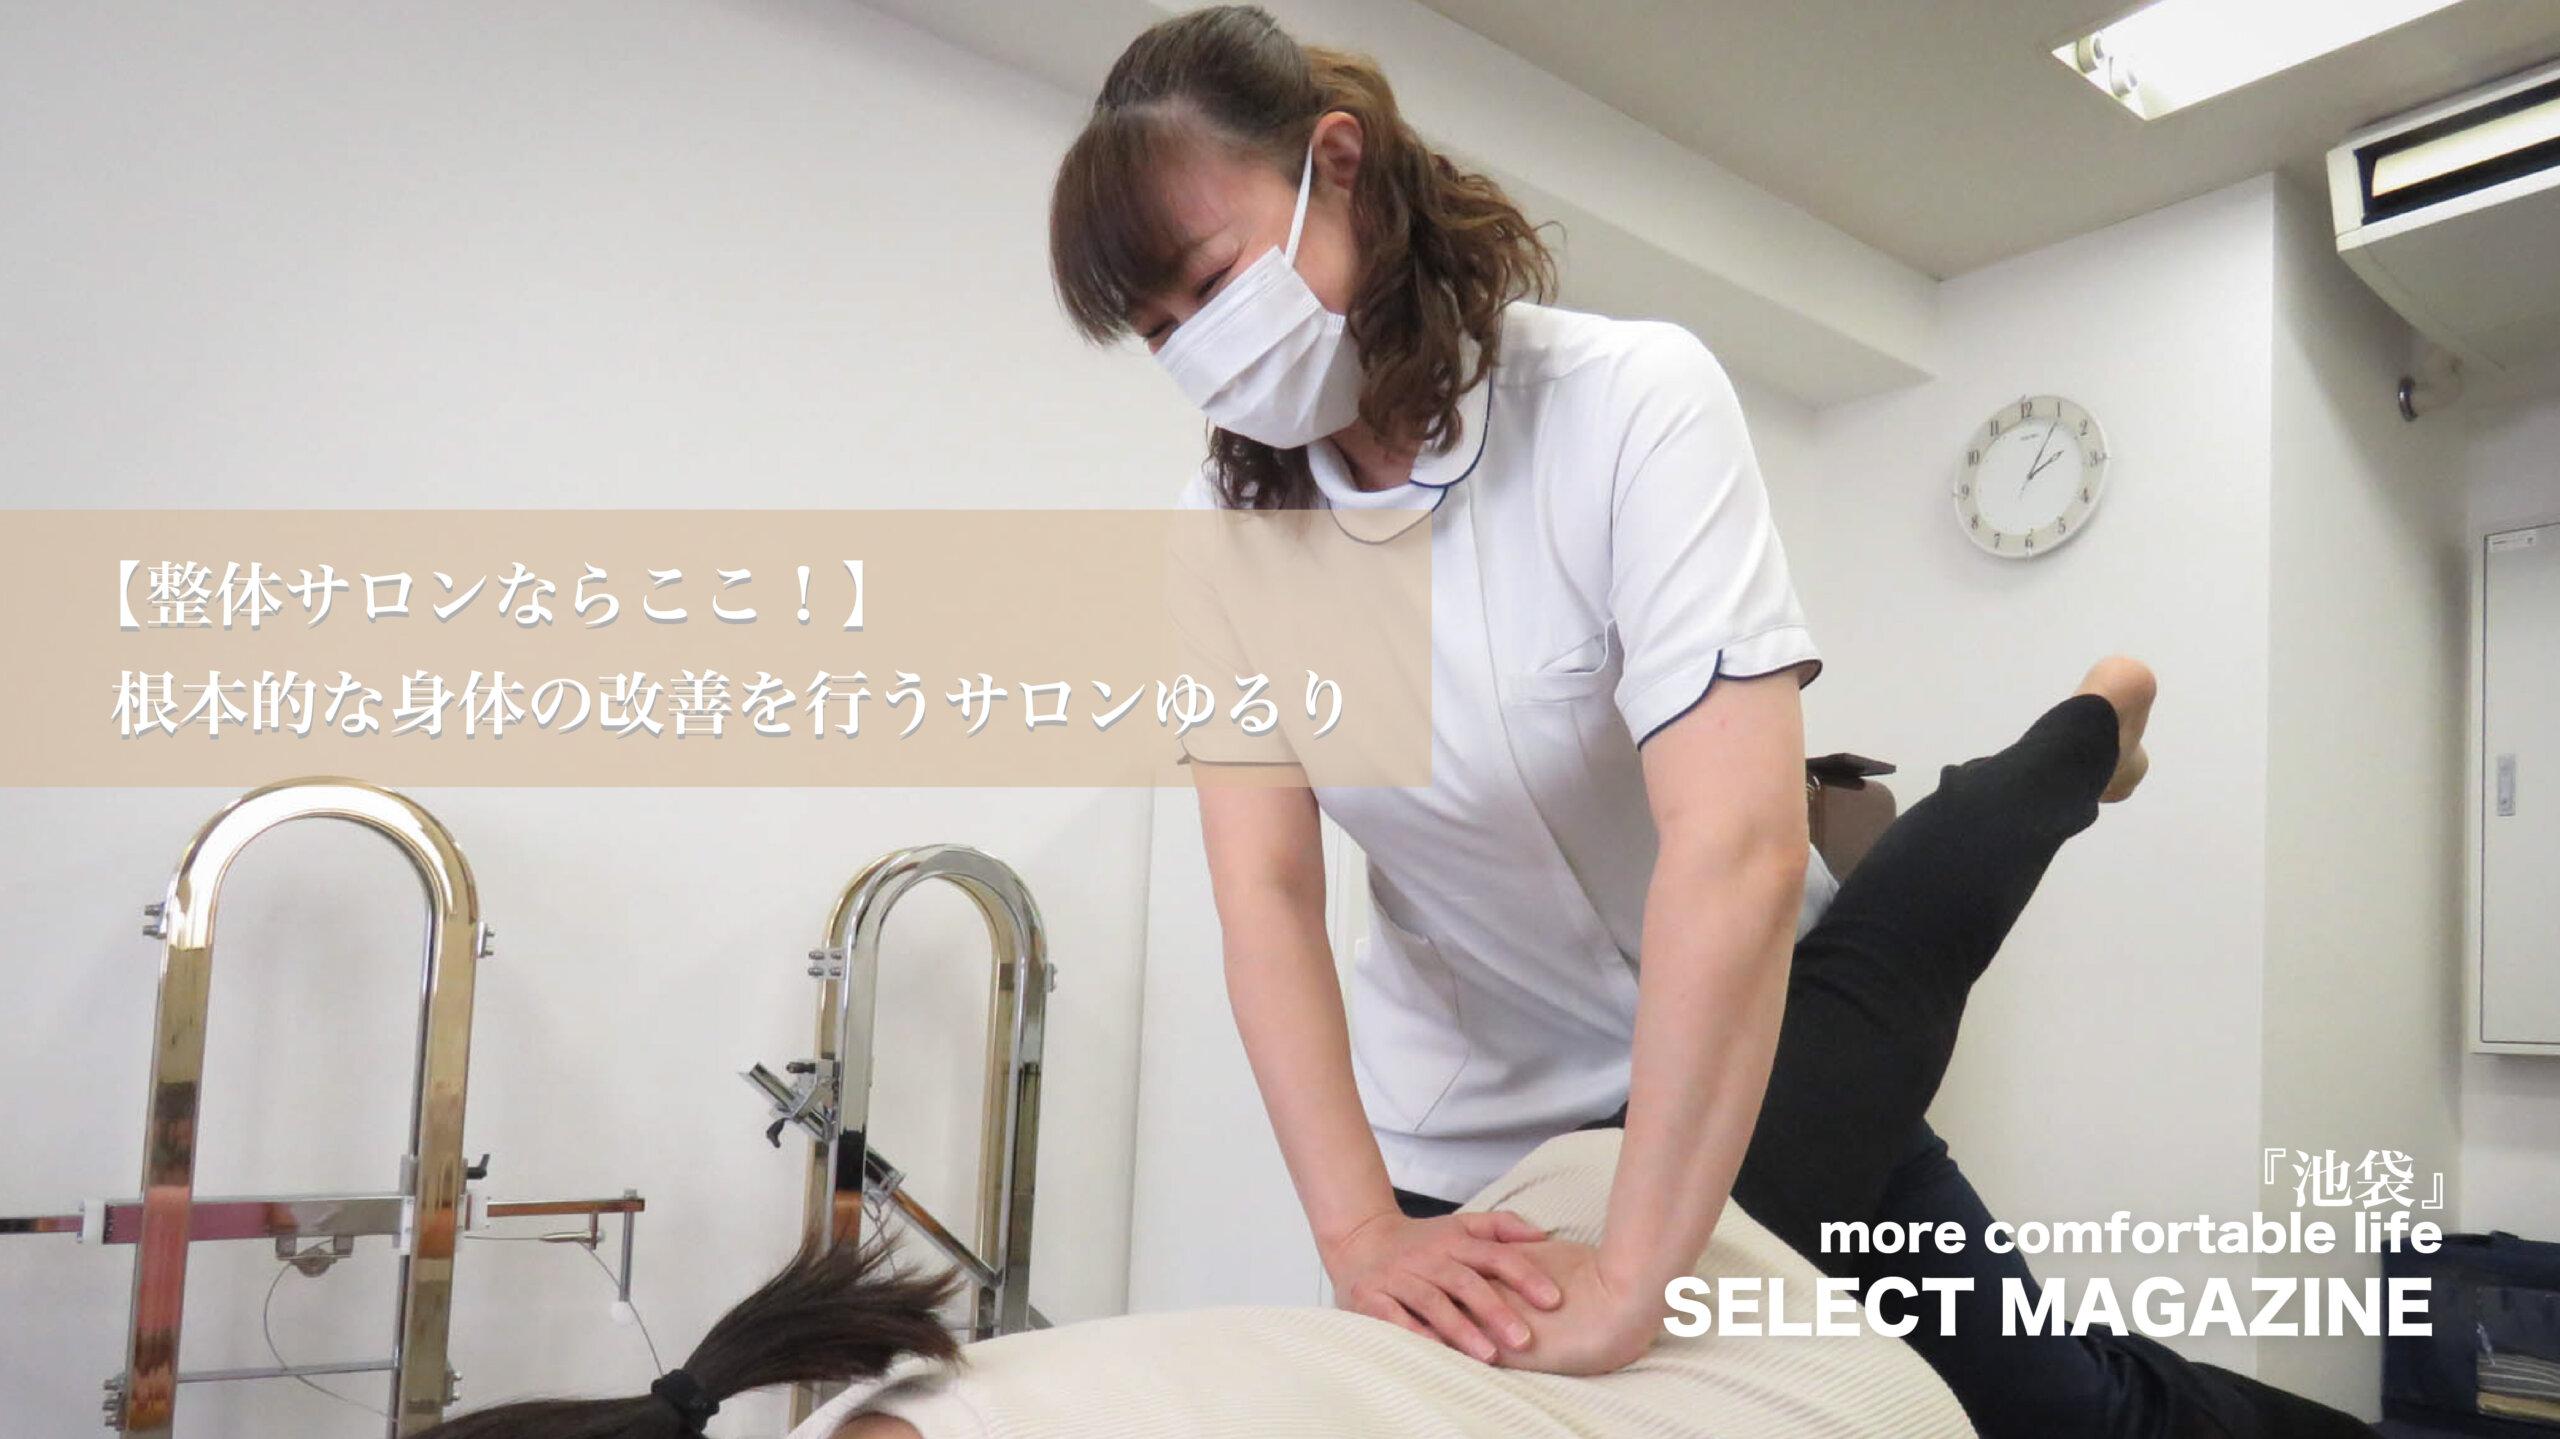 【整体サロンならここ!】根本的な身体の改善を行うサロンゆるり 池袋